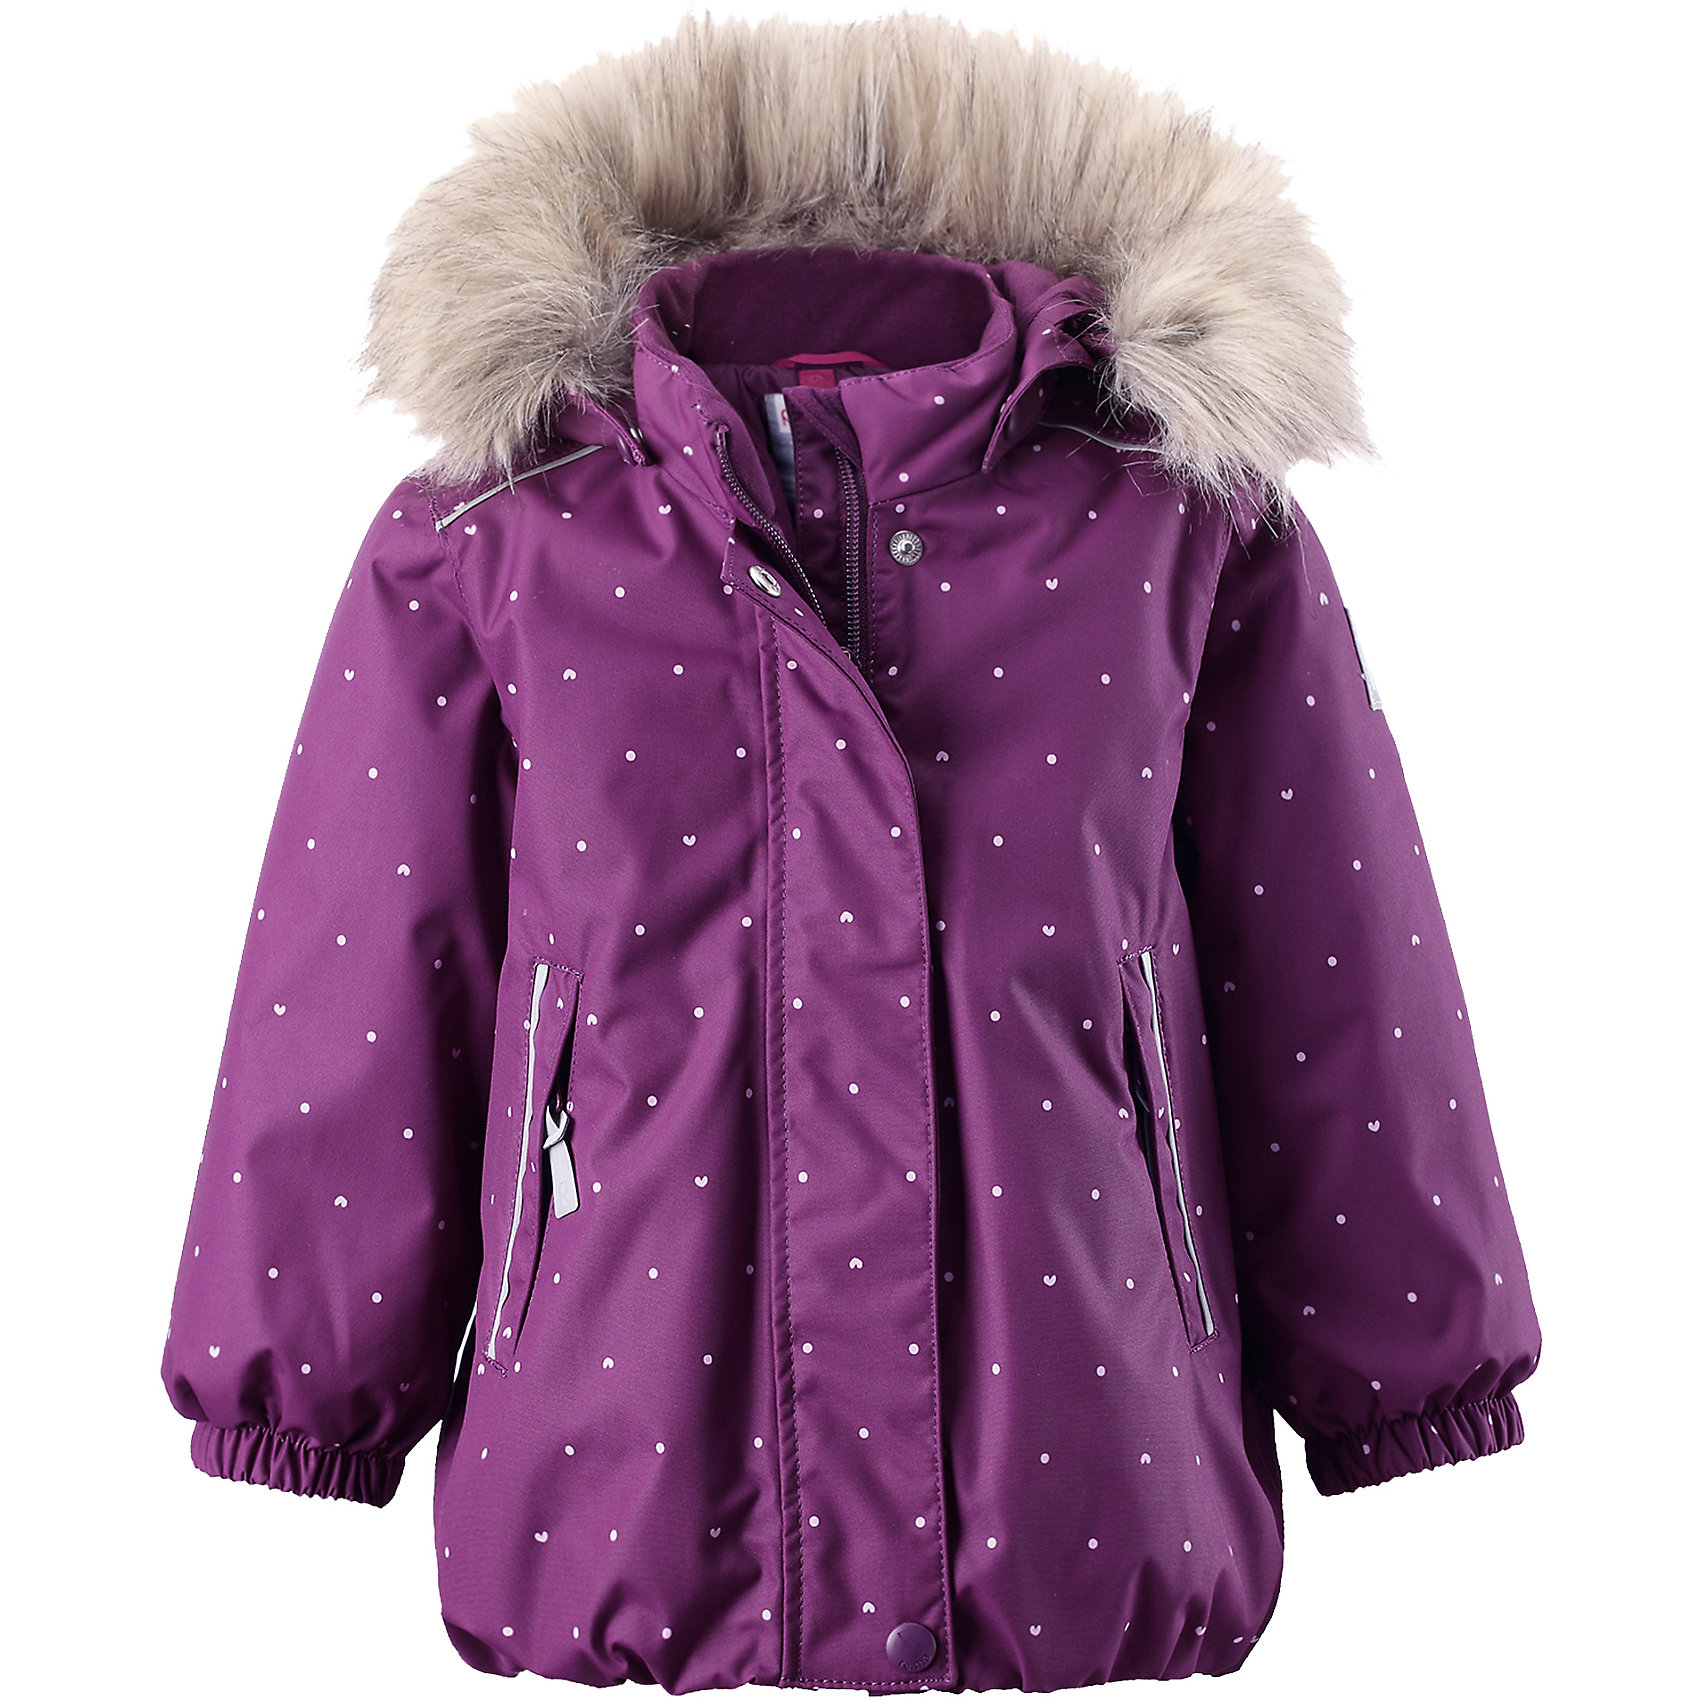 Куртка Muhvi для девочки Reimatec® ReimaОдежда<br>Куртка для девочки Reimatec® Reima<br>Зимняя куртка для малышей. Все швы проклеены и водонепроницаемы. Водо- и ветронепроницаемый, «дышащий» и грязеотталкивающий материал. Крой для девочек. Гладкая подкладка из полиэстра. Безопасный съемный капюшон с отсоединяемой меховой каймой из искусственного меха. .Эластичный пояс сзад иЭластичные подол и манжеты. Регулируемый подол. Два кармана на молнии. Принт по всей поверхности. Безопасные светоотражающие детали.<br>Утеплитель: Reima® Soft Loft insulation,160 g<br>Уход:<br>Стирать по отдельности, вывернув наизнанку. Перед стиркой отстегните искусственный мех. Застегнуть молнии и липучки. Стирать моющим средством, не содержащим отбеливающие вещества. Полоскать без специального средства. Во избежание изменения цвета изделие необходимо вынуть из стиральной машинки незамедлительно после окончания программы стирки. Можно сушить в сушильном шкафу или центрифуге (макс. 40° C).<br>Состав:<br>100% Полиамид, полиуретановое покрытие<br><br>Ширина мм: 426<br>Глубина мм: 347<br>Высота мм: 104<br>Вес г: 554<br>Цвет: лиловый<br>Возраст от месяцев: 9<br>Возраст до месяцев: 12<br>Пол: Женский<br>Возраст: Детский<br>Размер: 80,86,92,98<br>SKU: 4776016